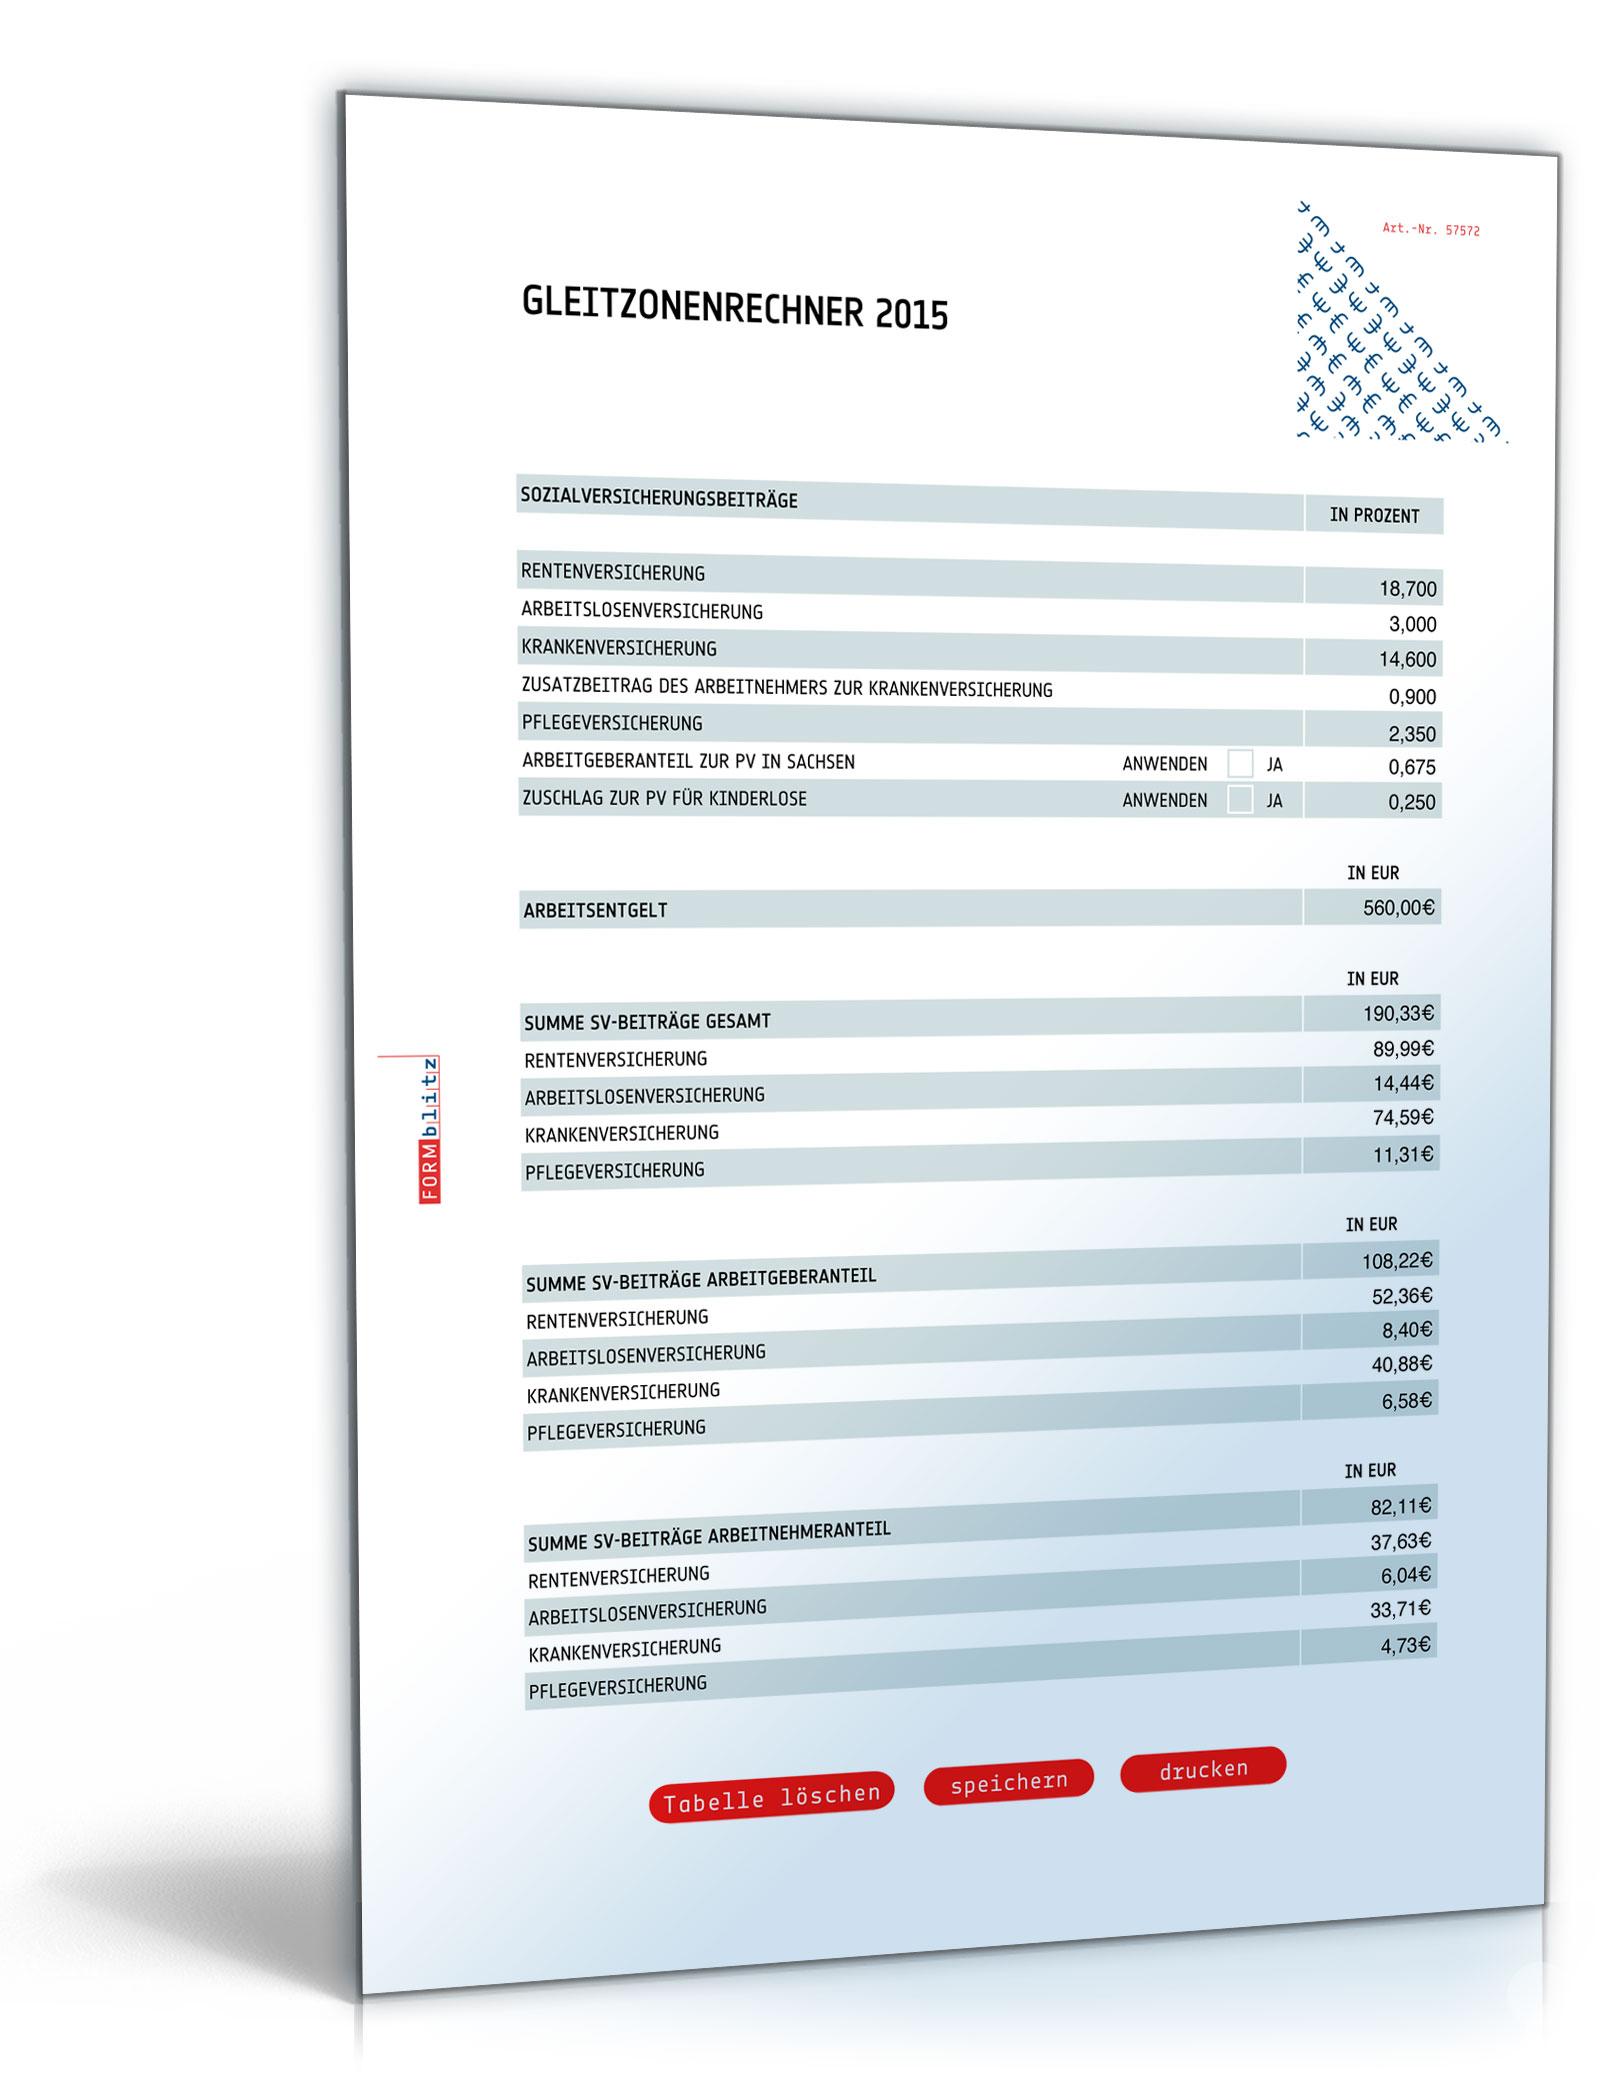 Download Archiv Vorlagen Dokumente Vorlagen